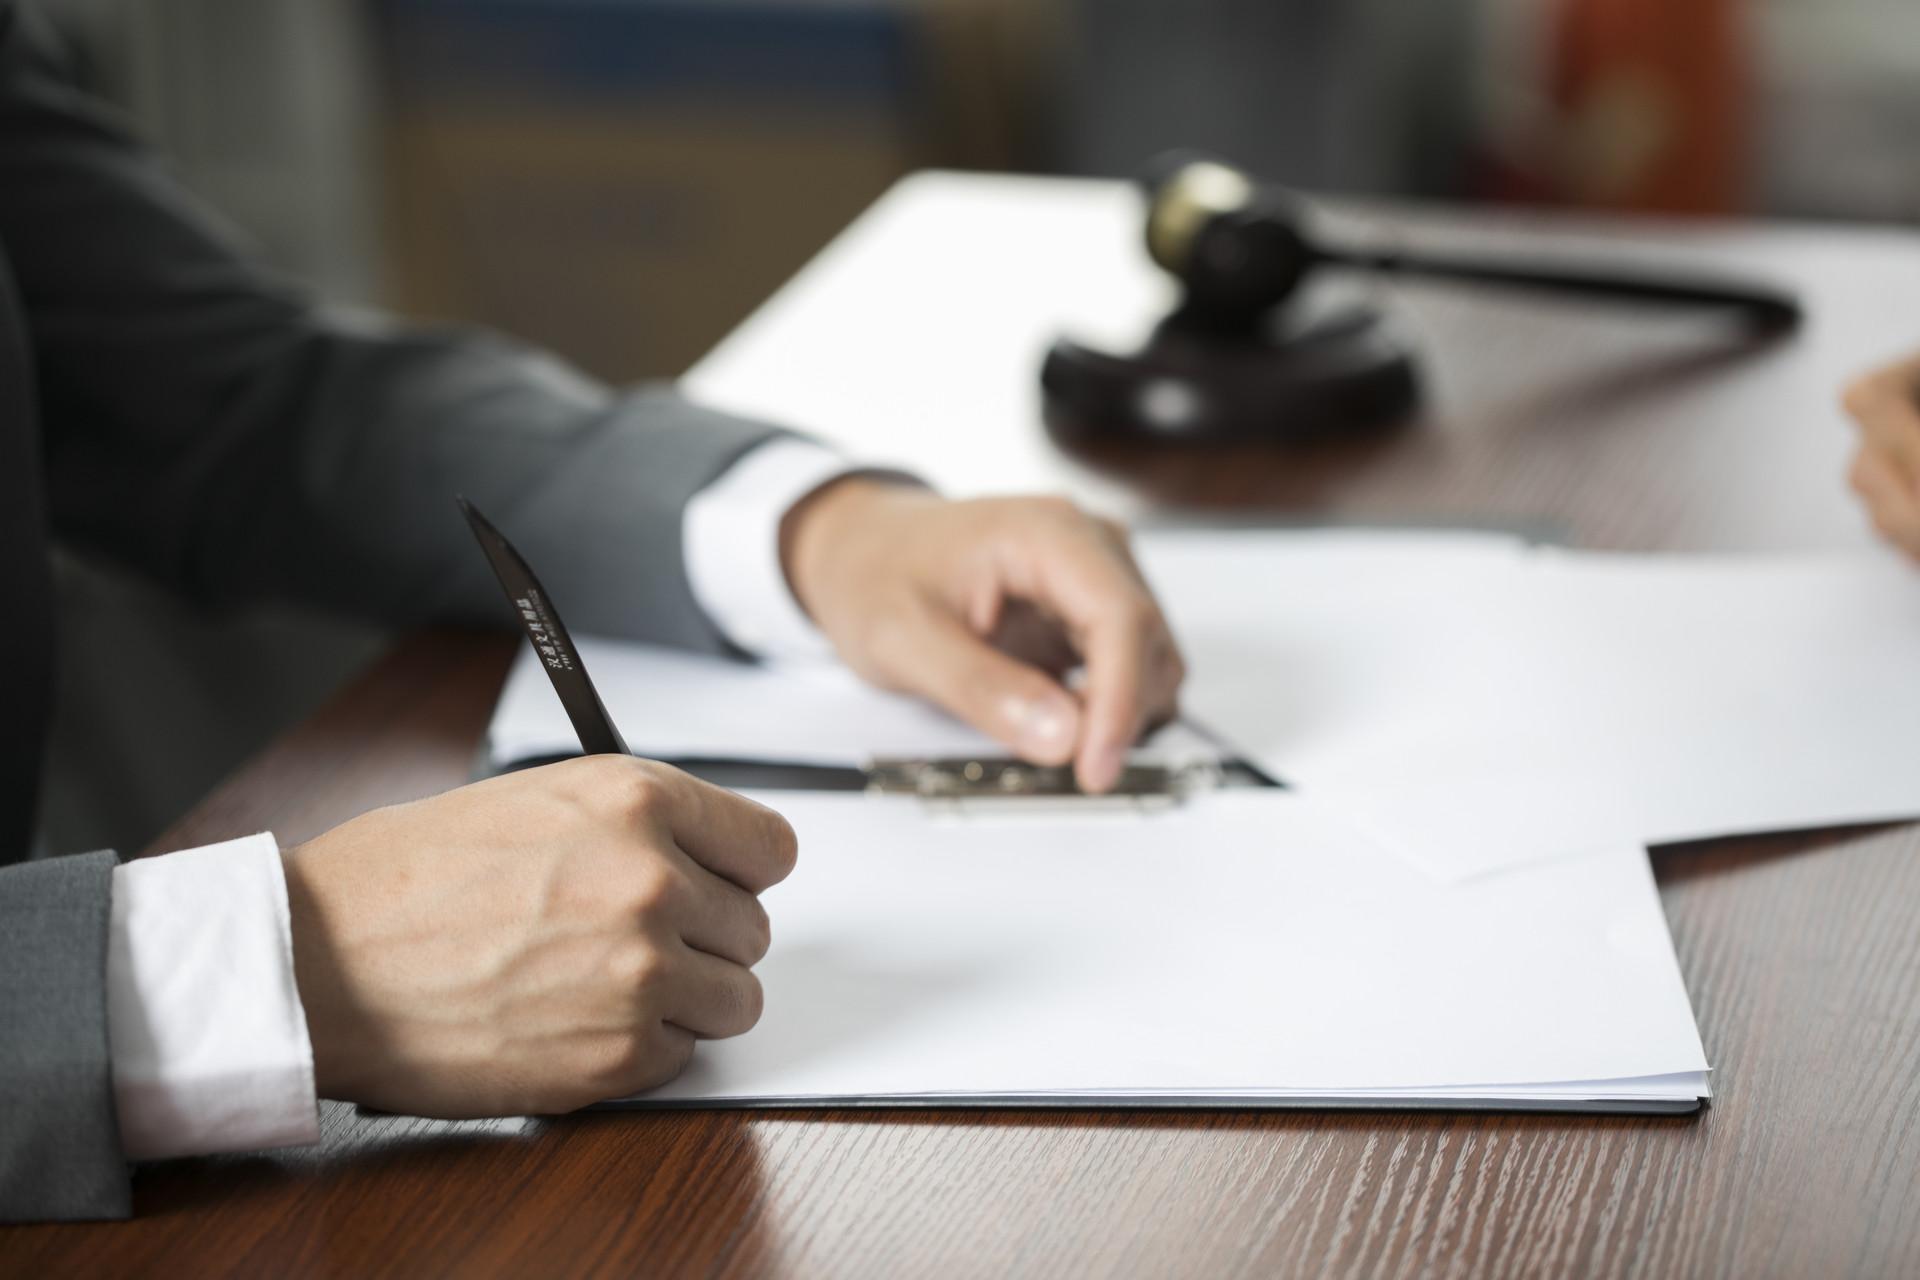 签订仓储合同何时生效?成立和生效是一回事吗